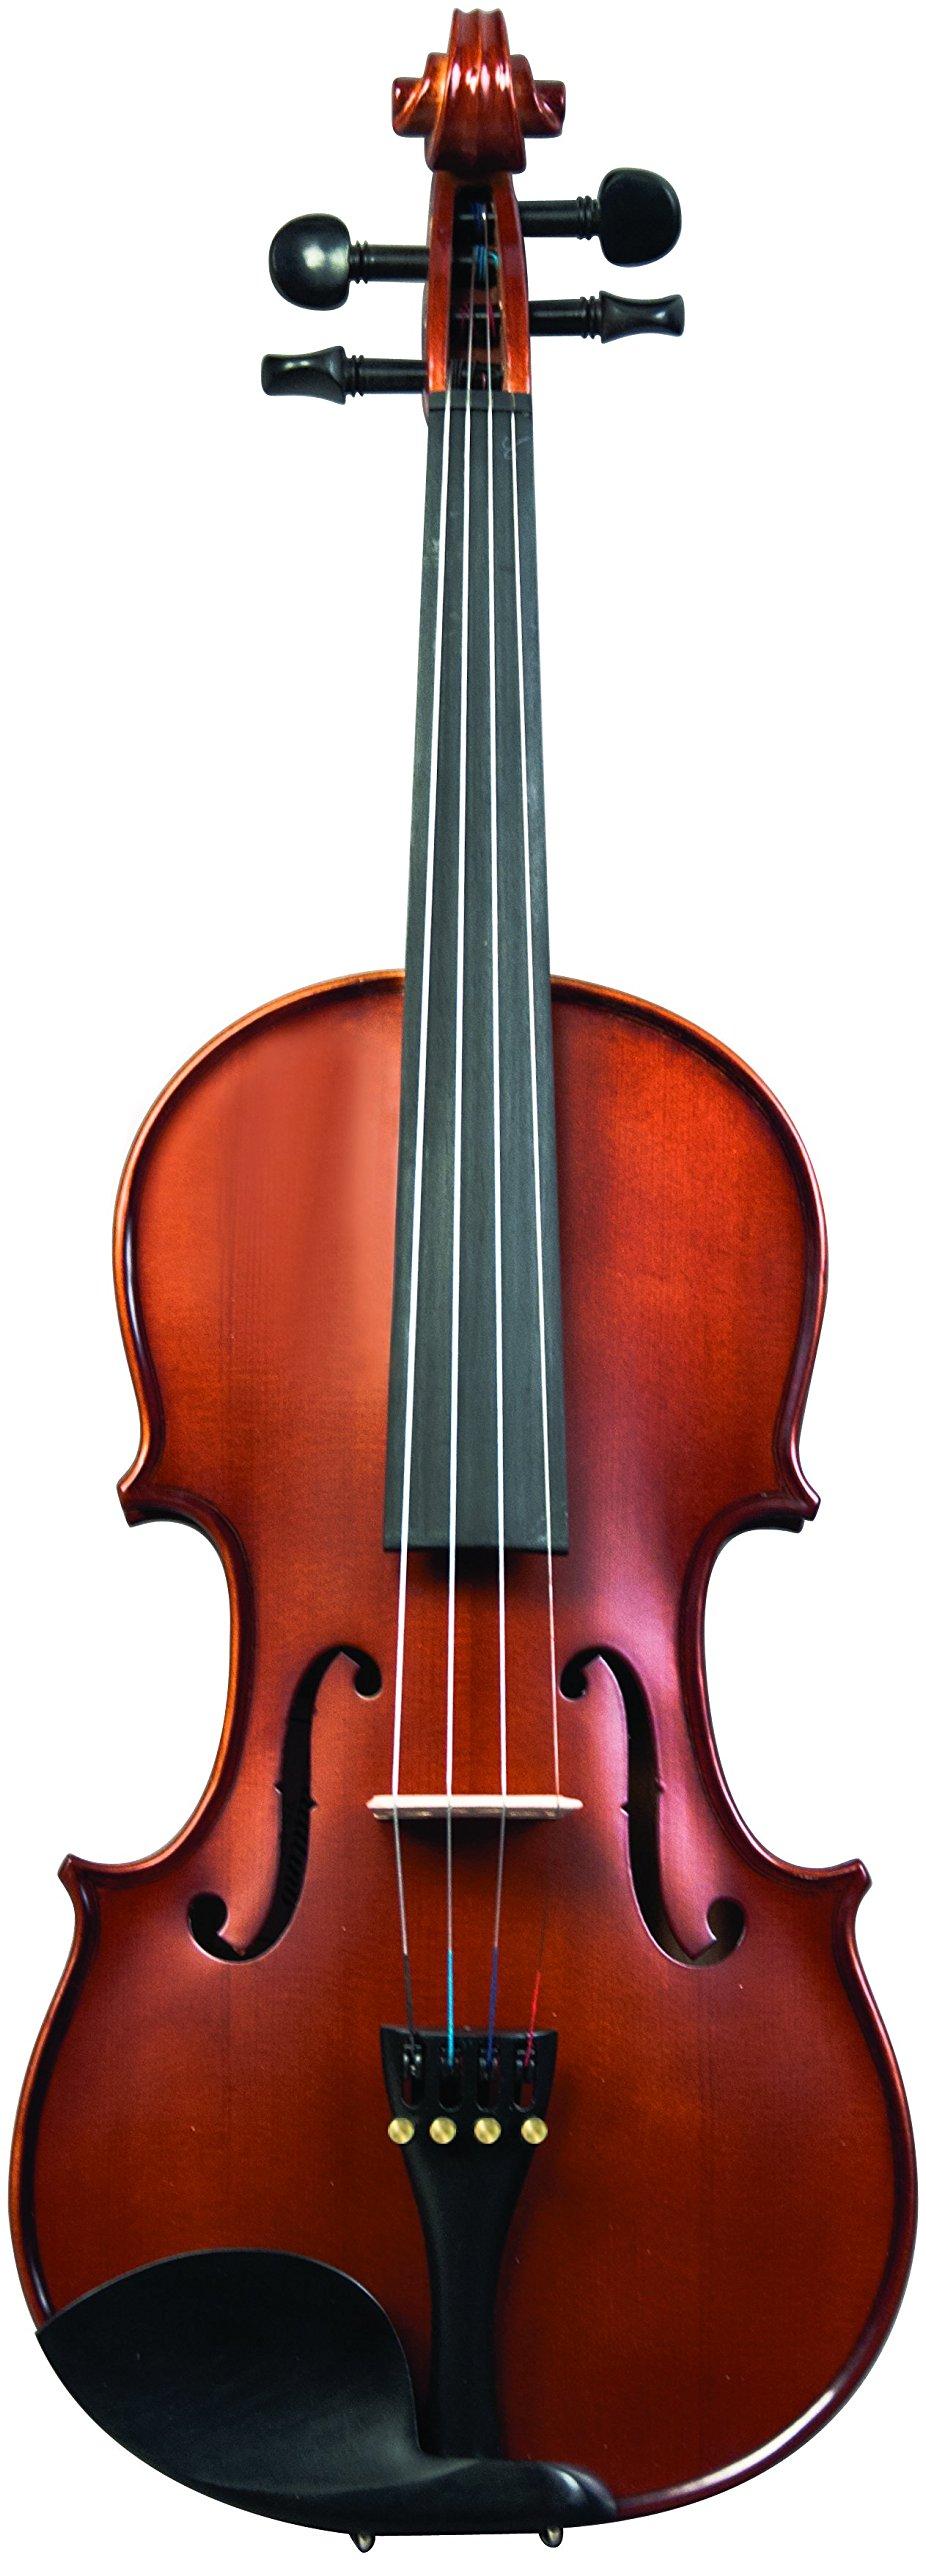 Palatino, 4-String Violin (VN-200-3/4)